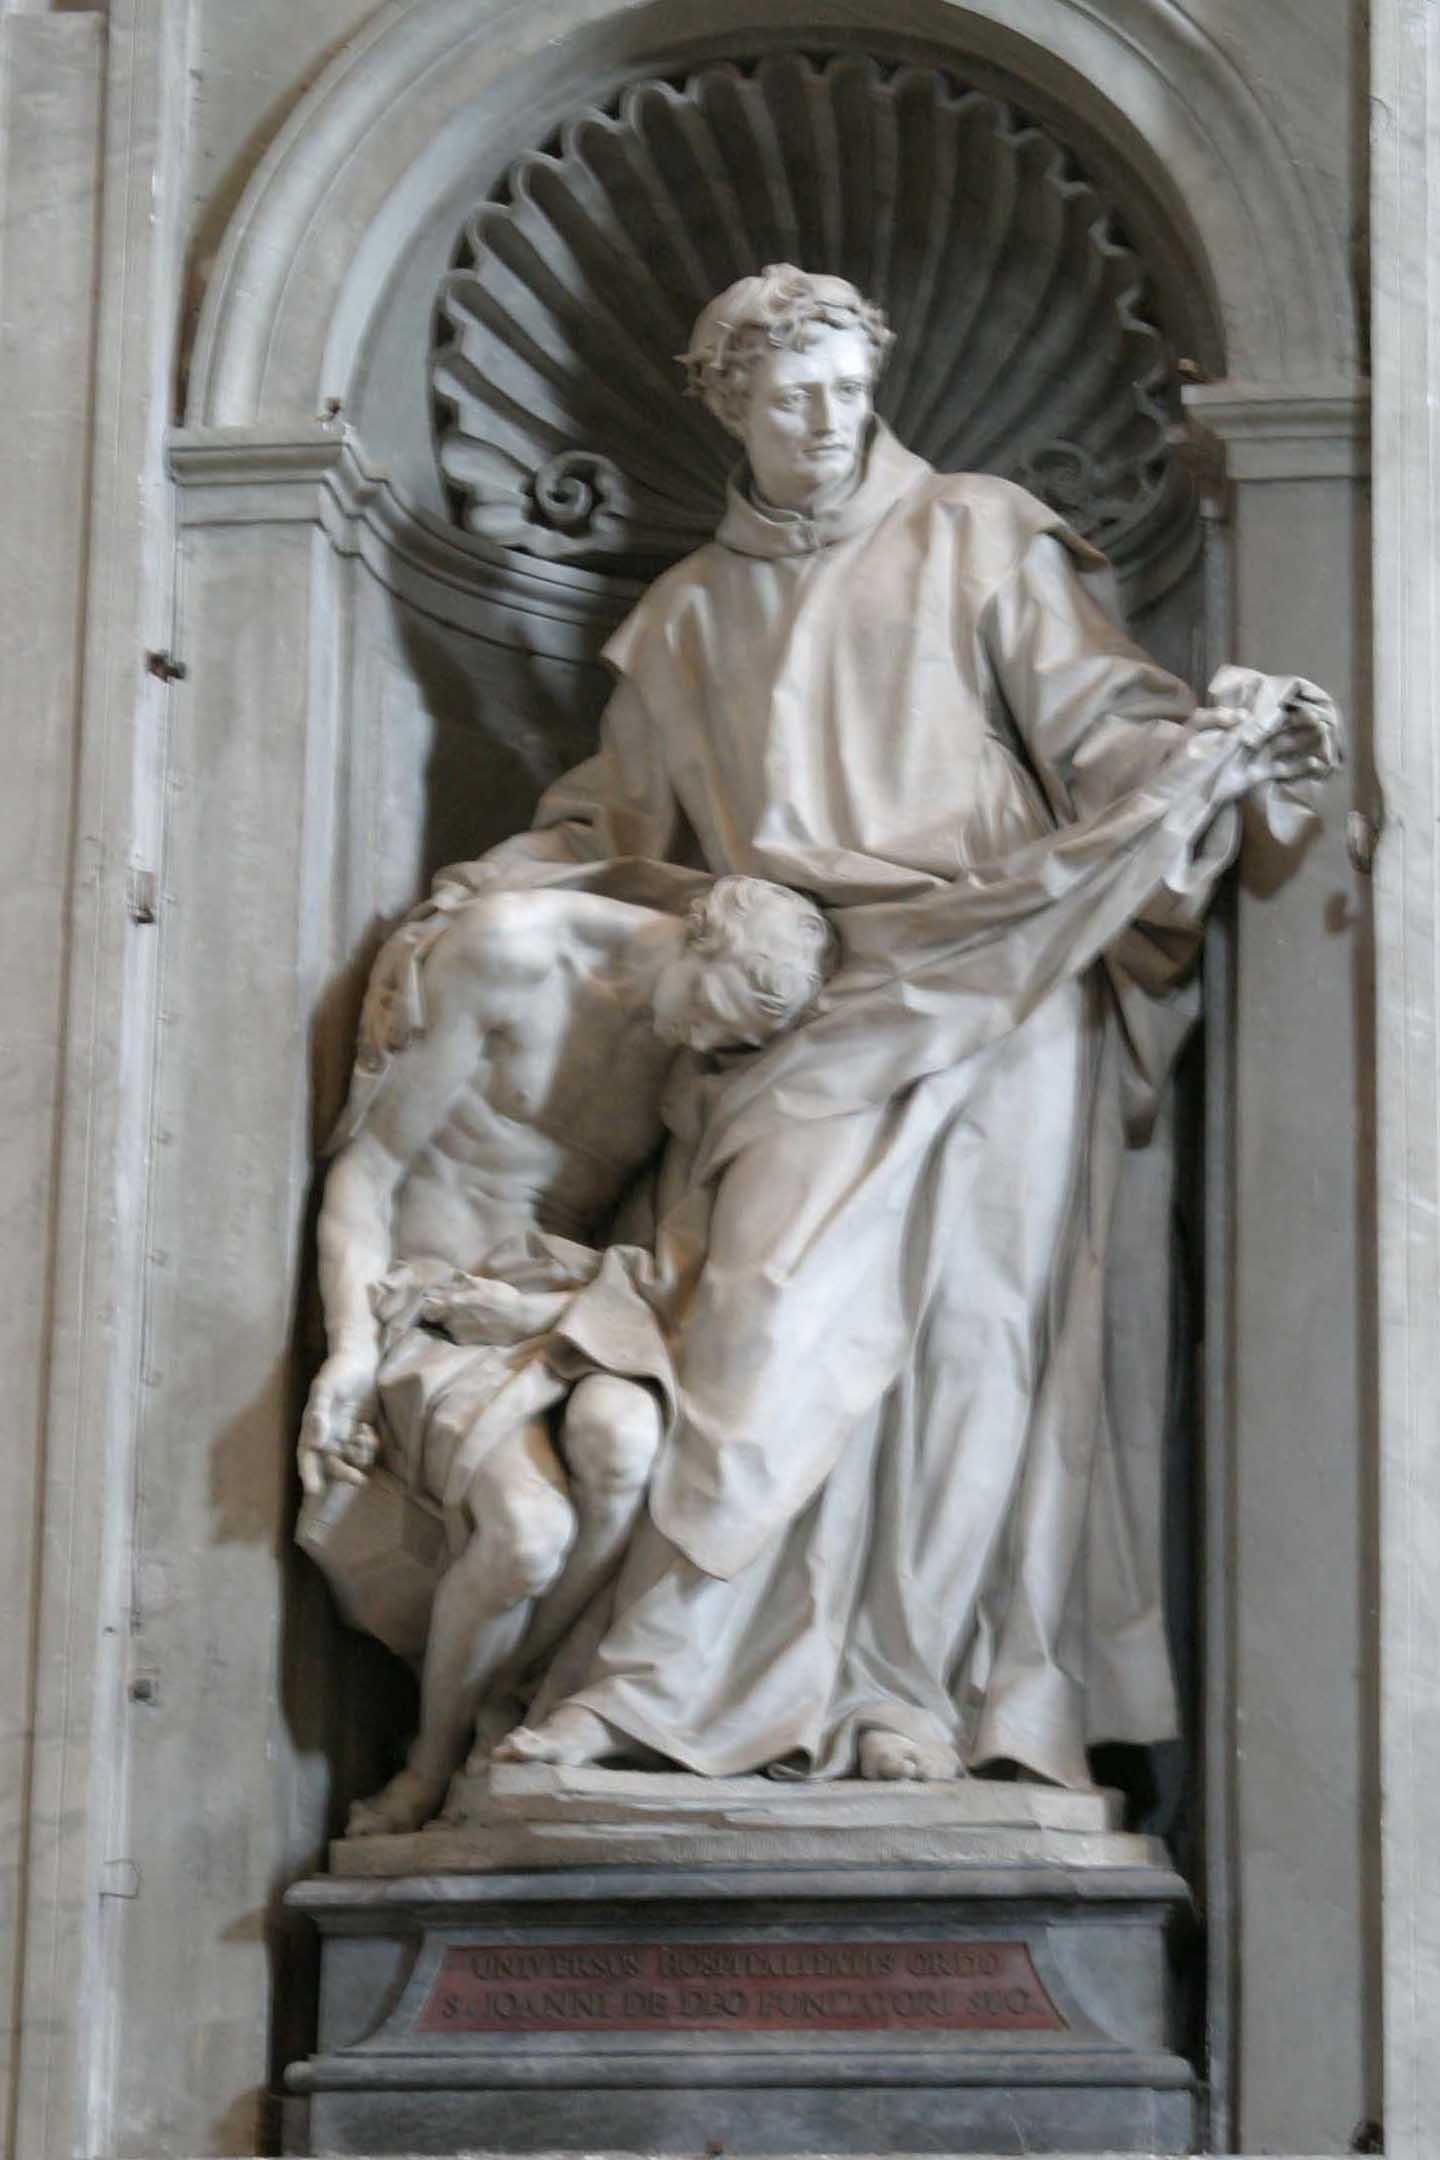 St John of God-FounderStatue.jpg